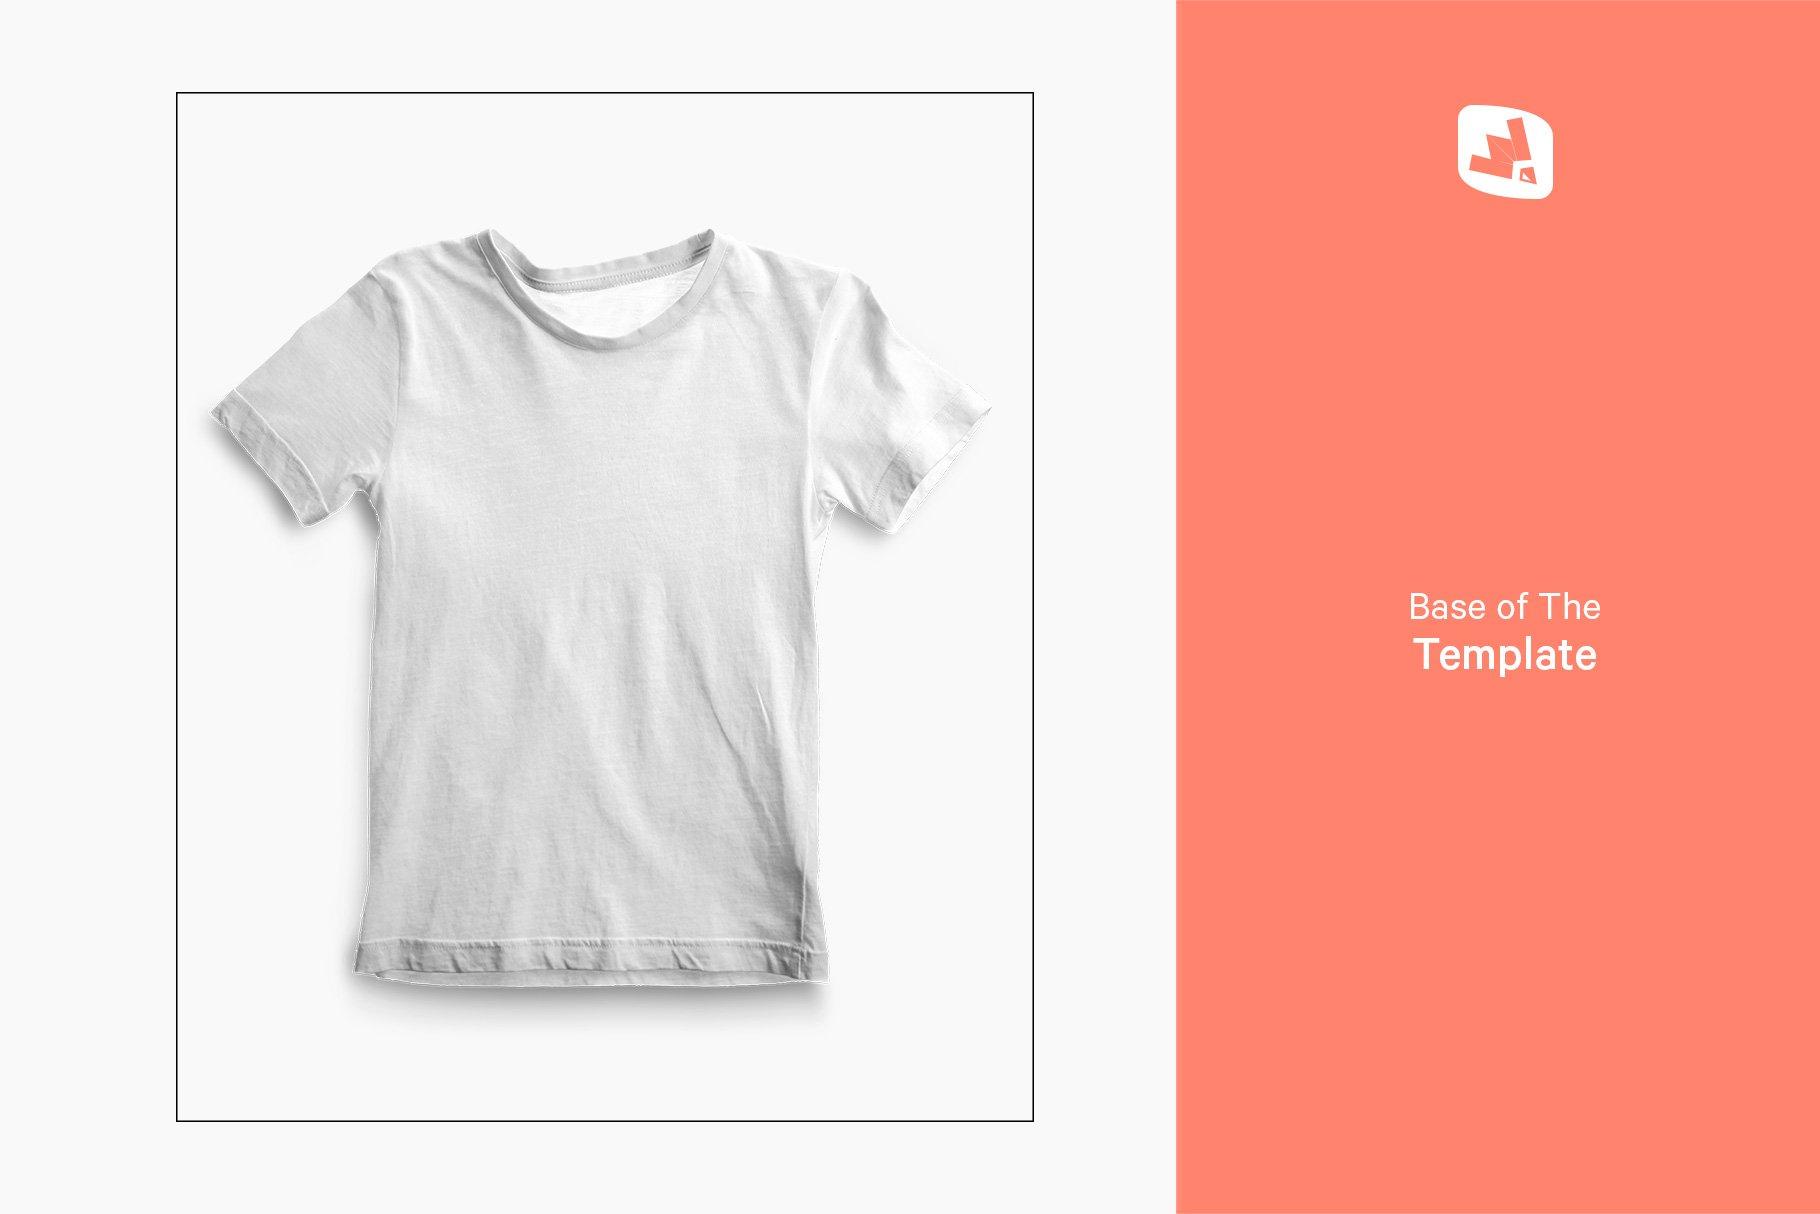 顶视图男孩夏季半袖T恤衫样机模板 Top view Boy's Summer Tshirt Mockup插图(9)